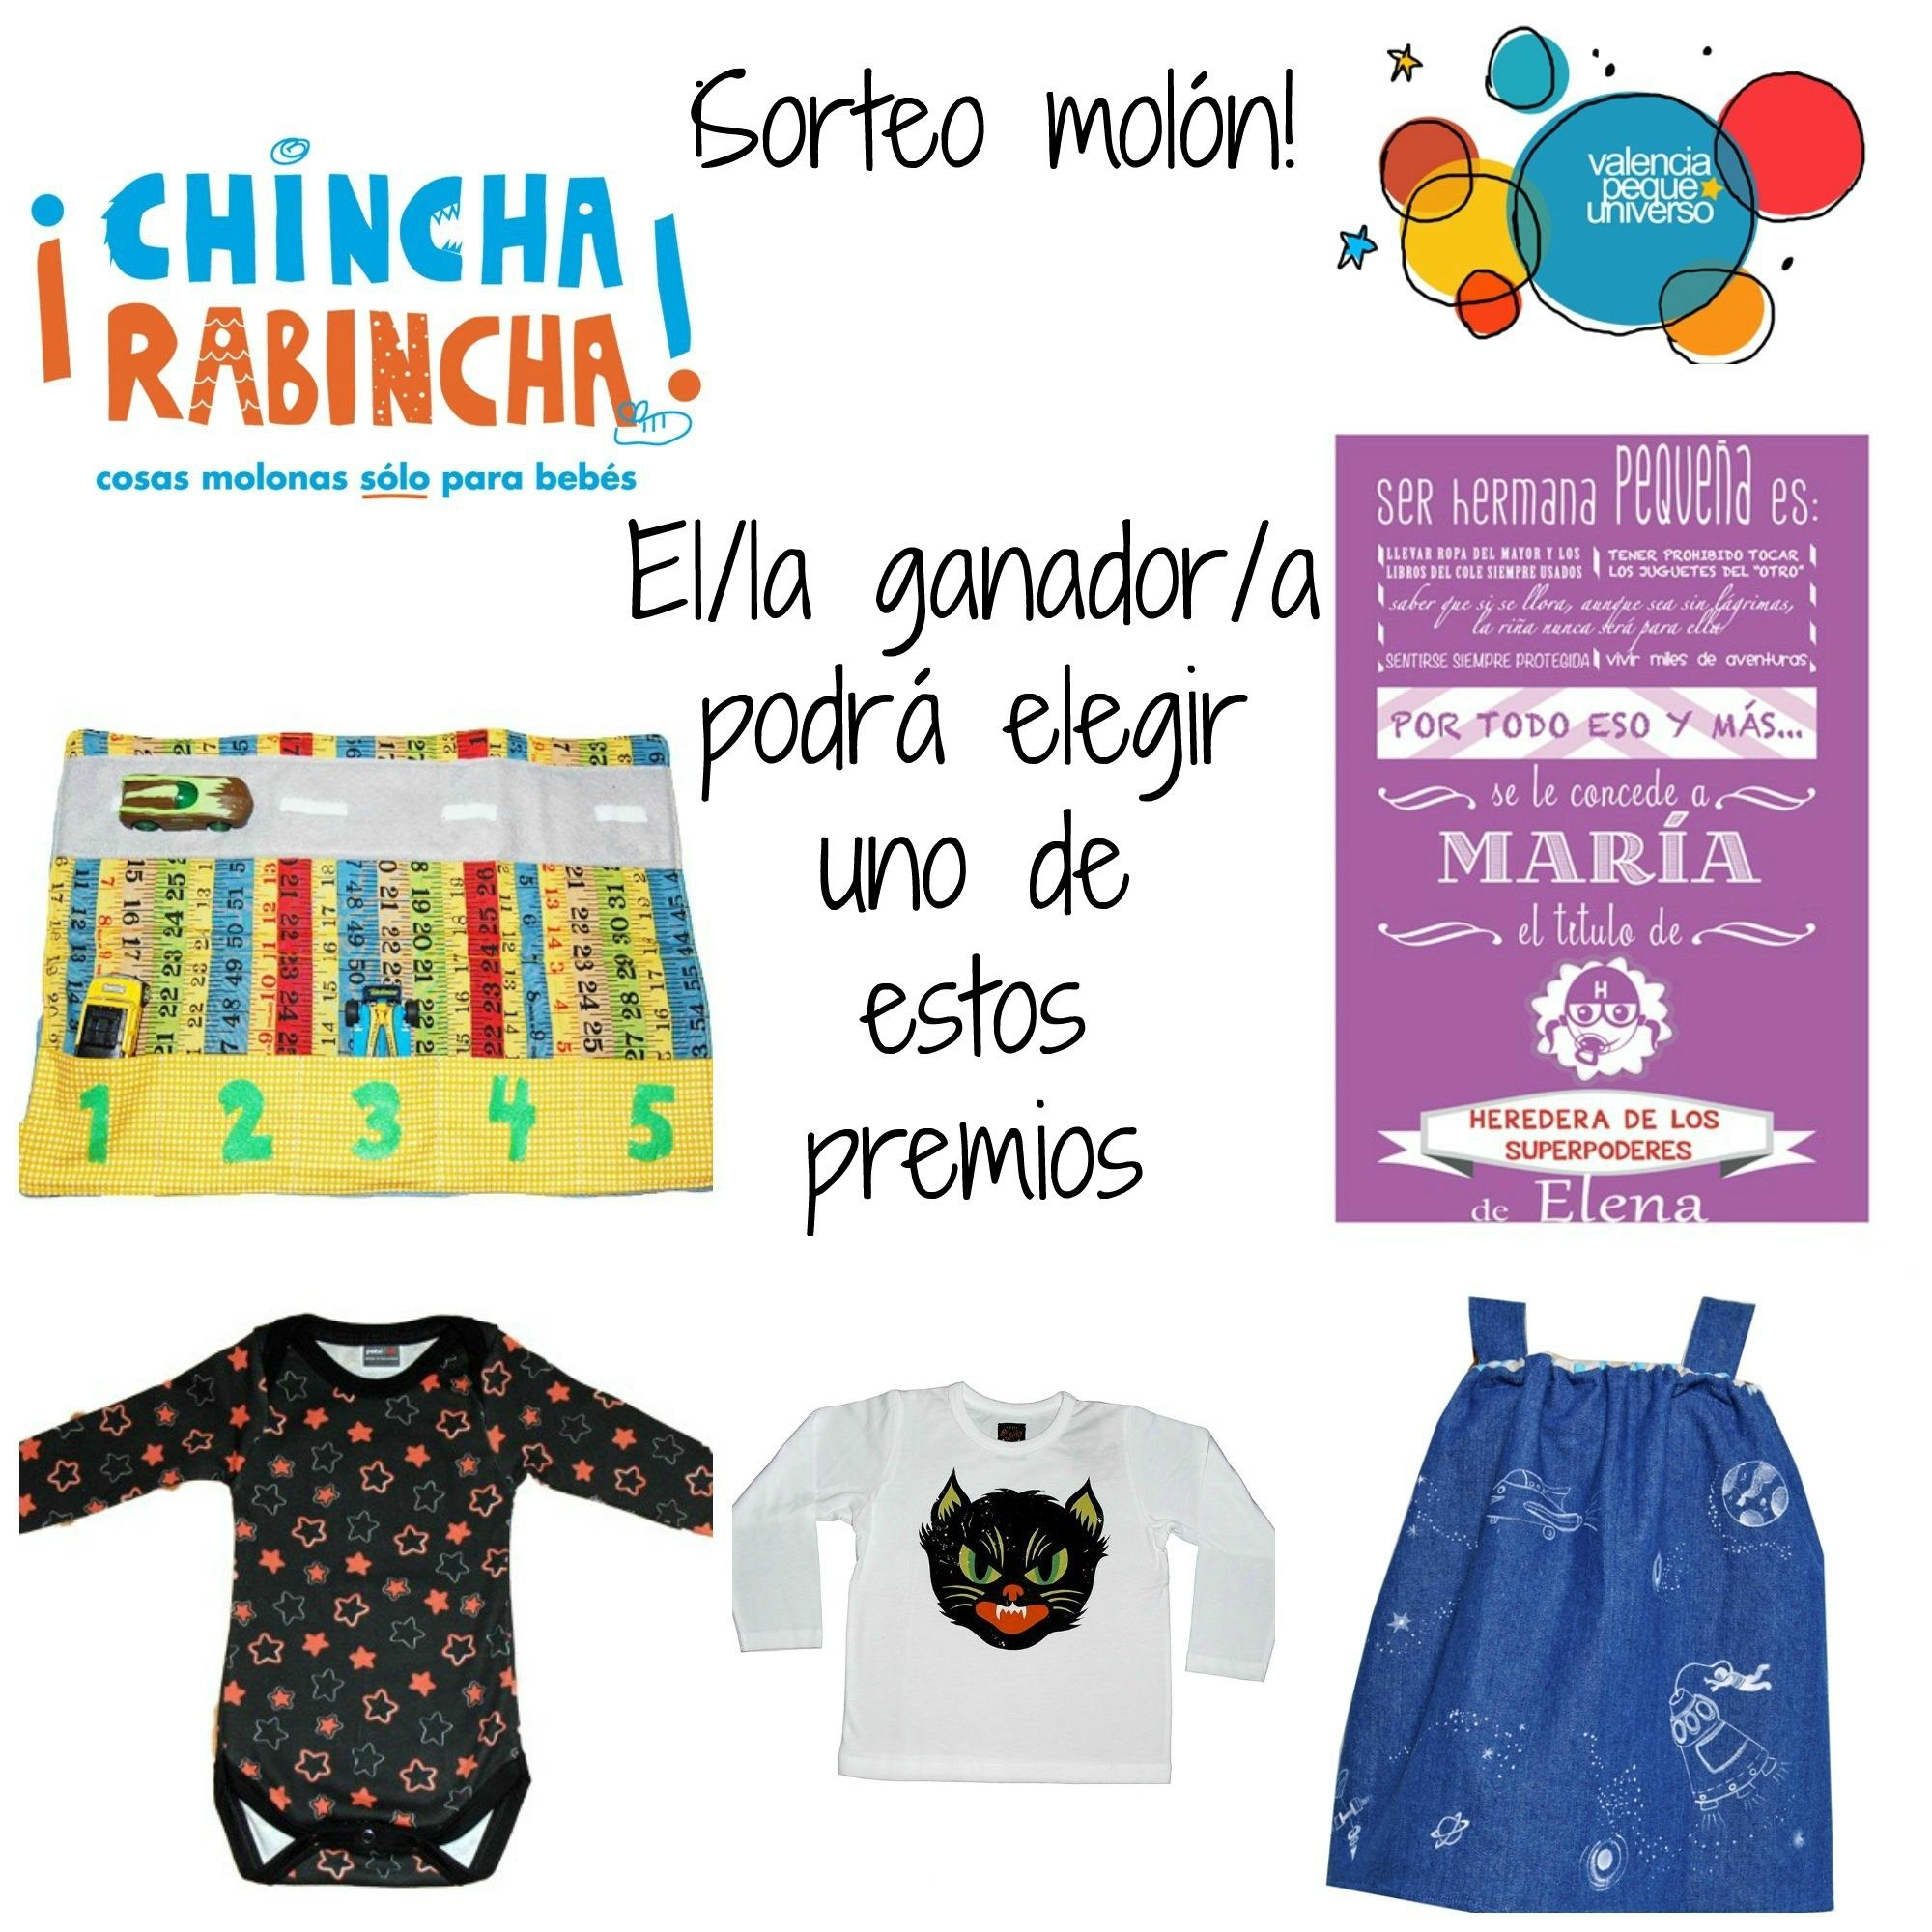 Sorteo Chincha Rabincha